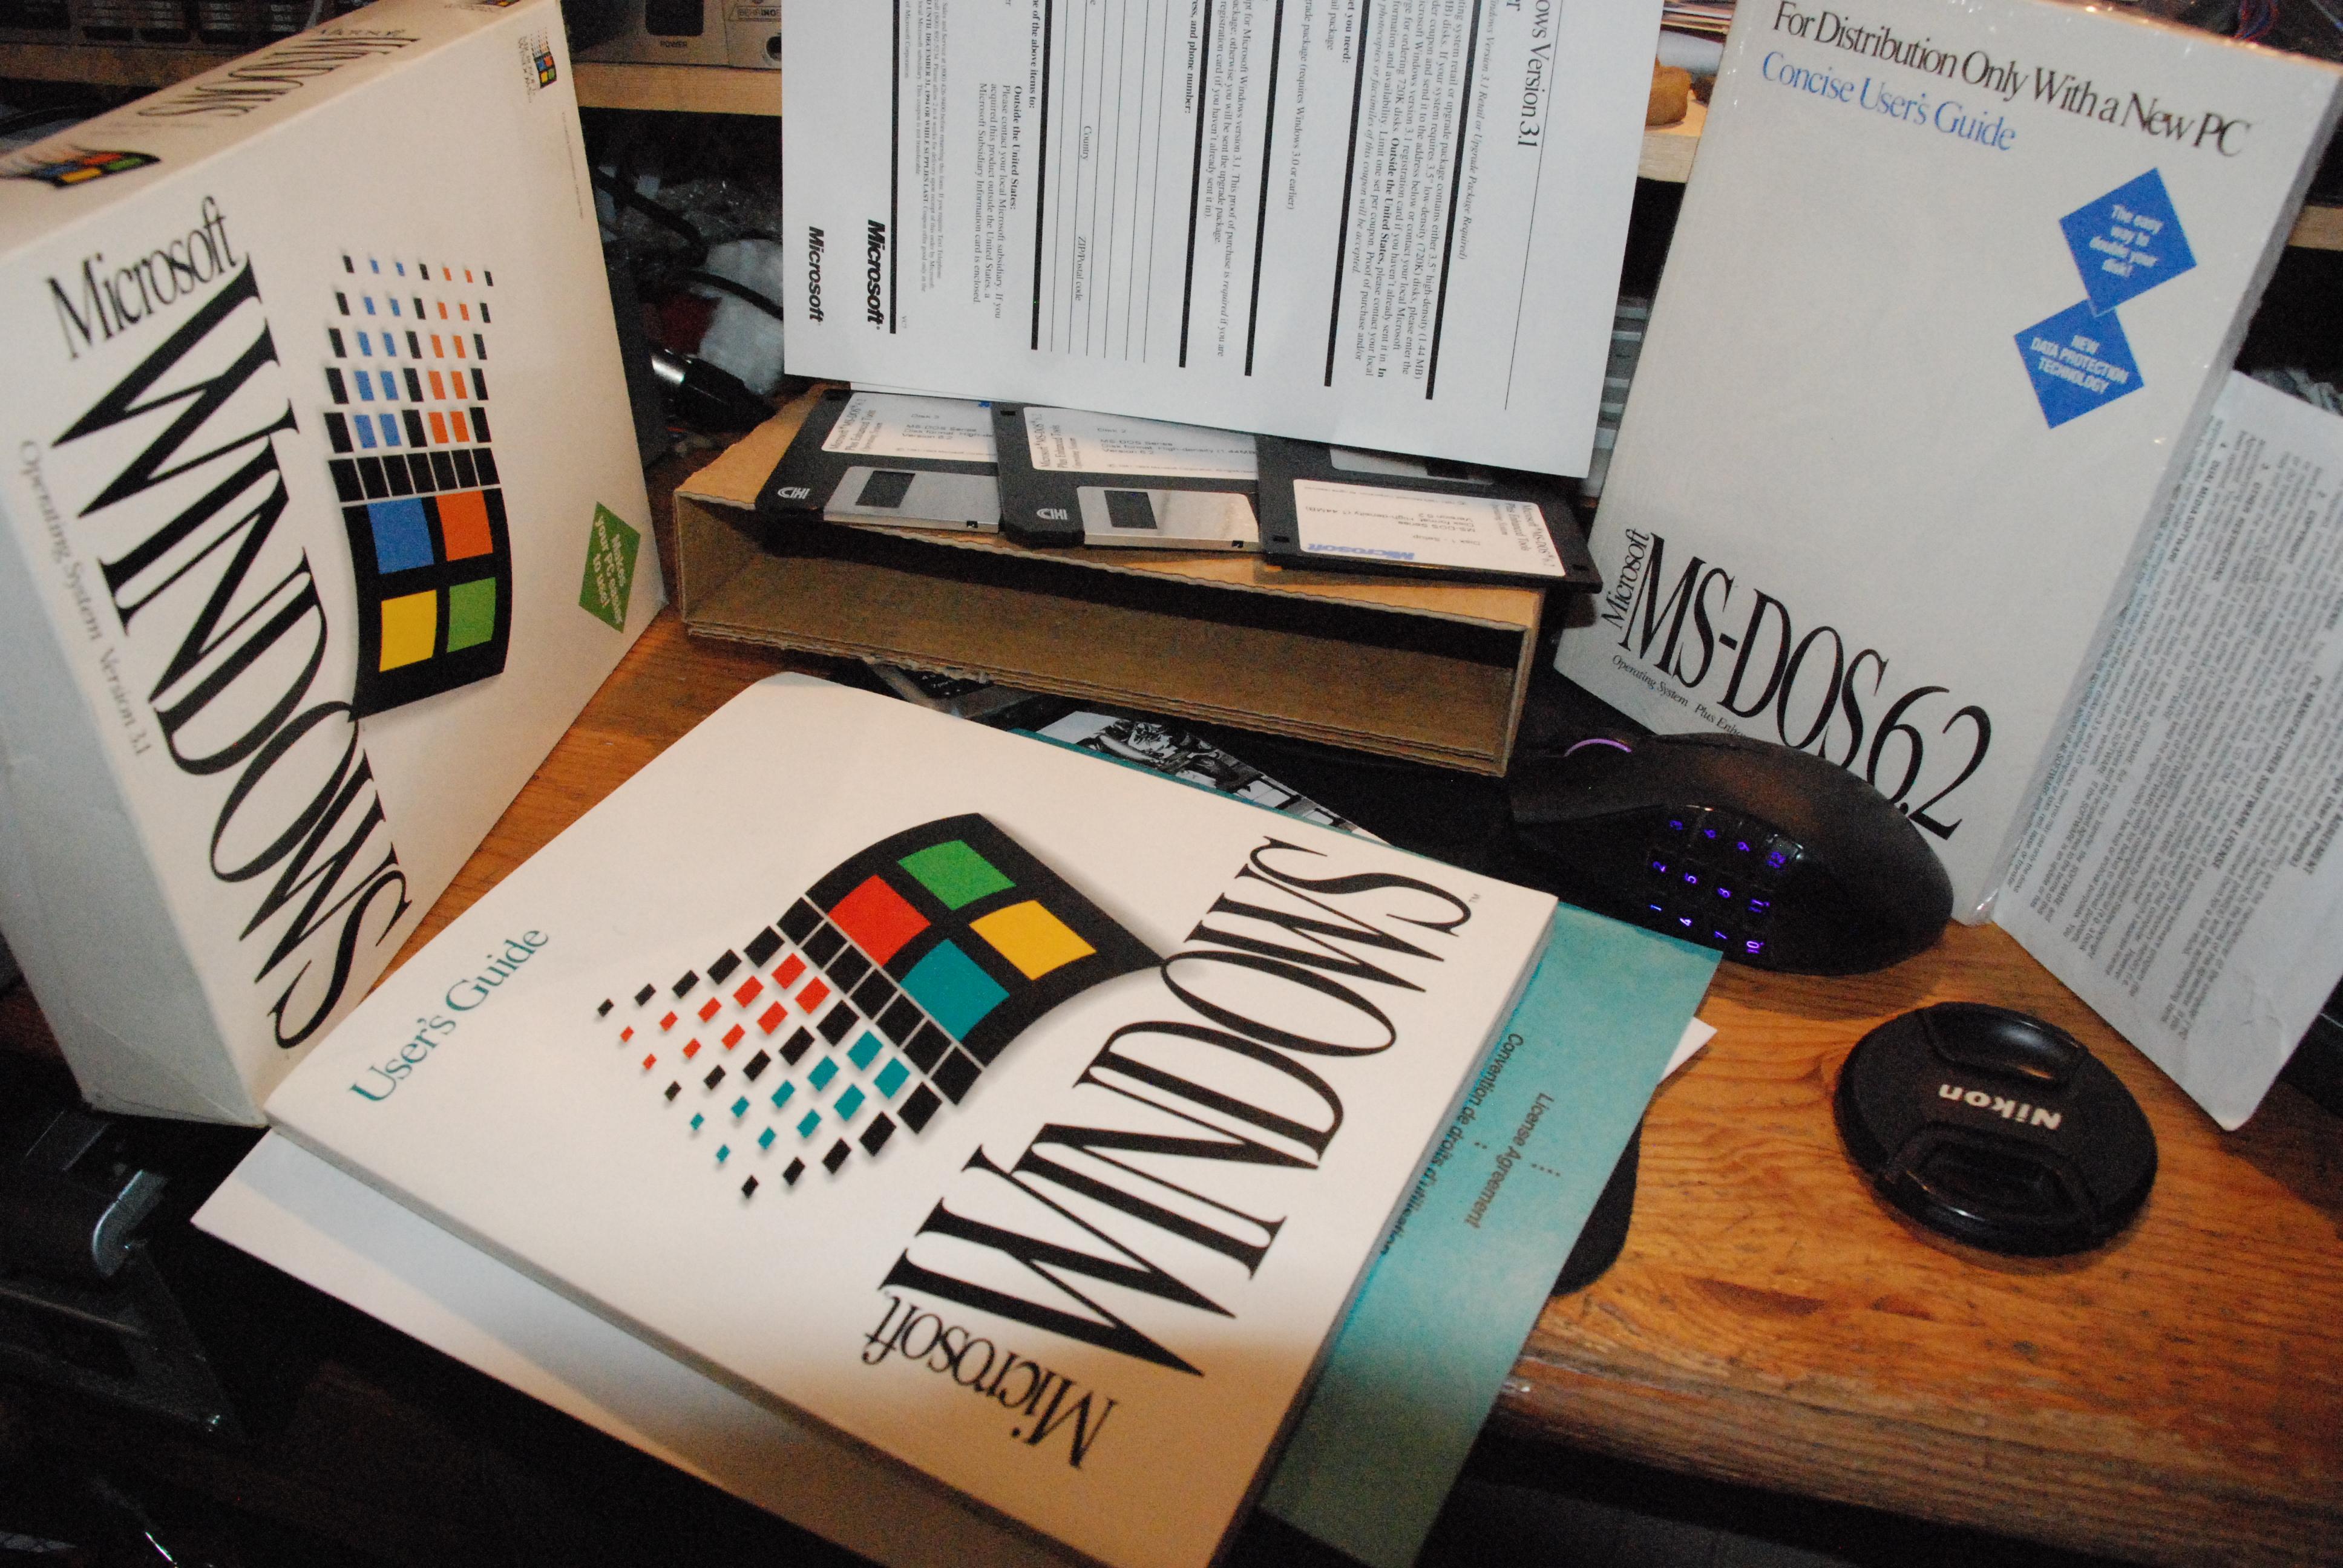 windows 3.1 and msdos 6.2